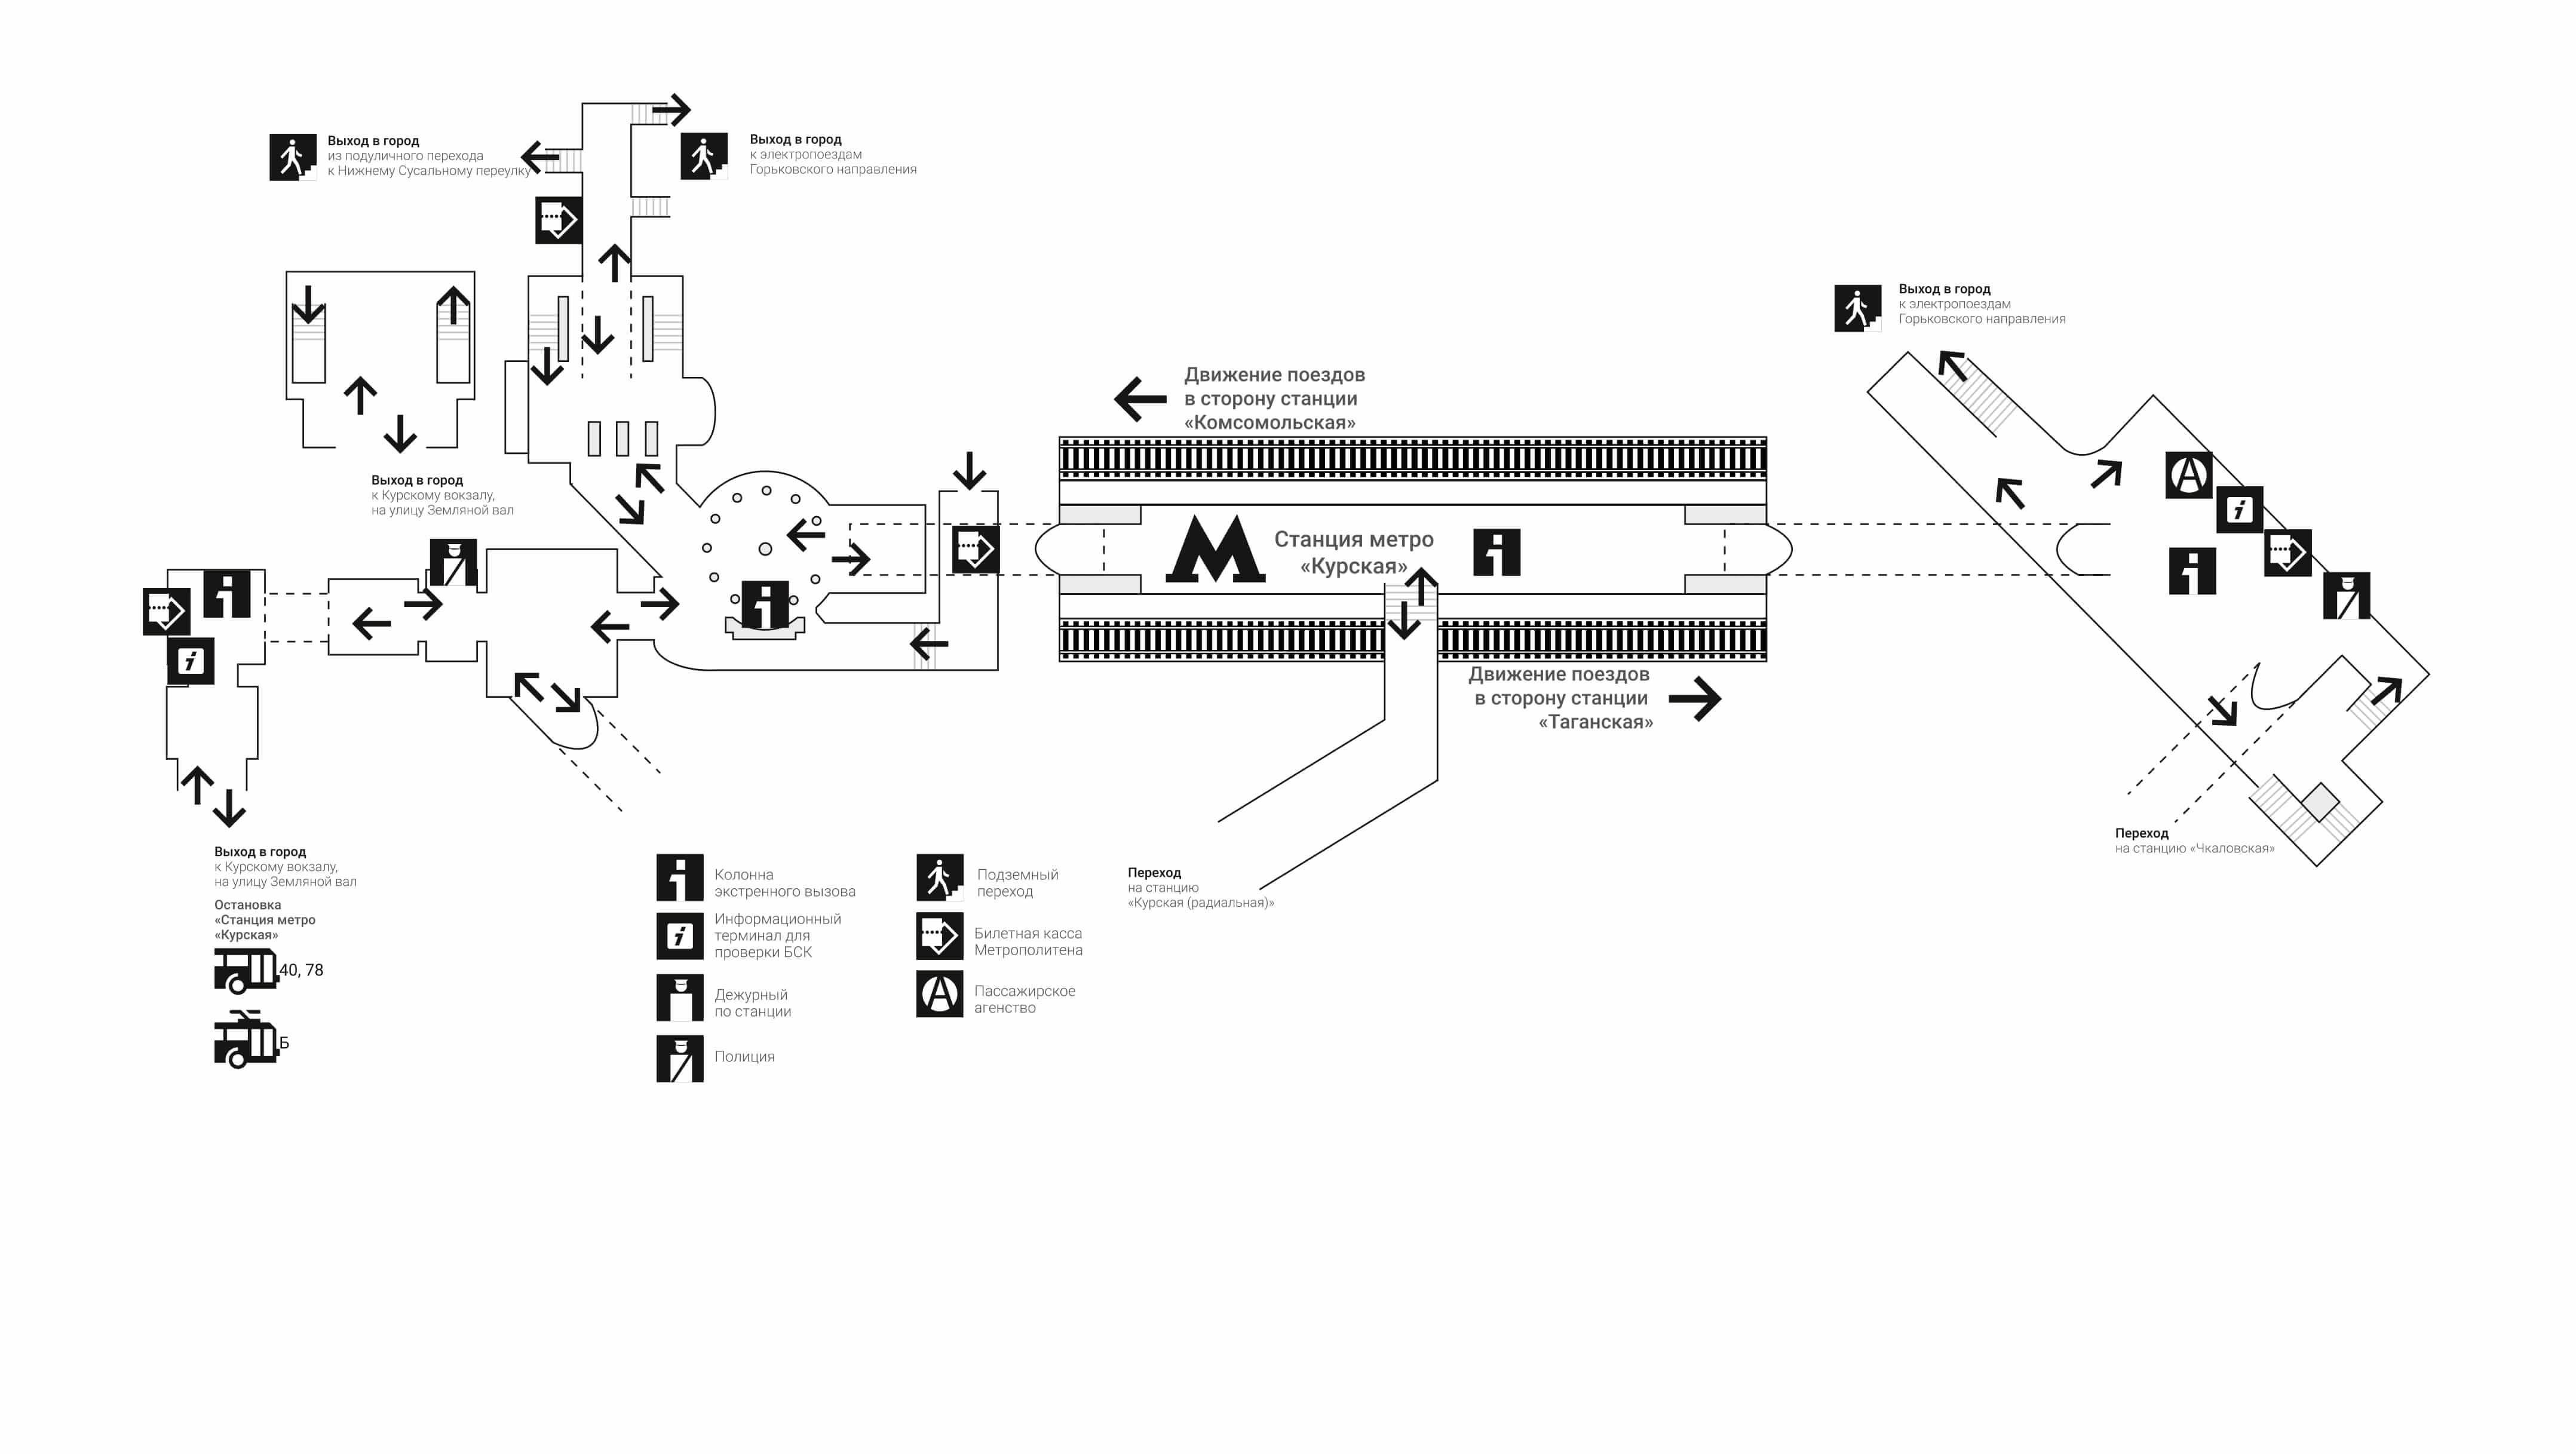 Схема метро курском вокзале фото 390